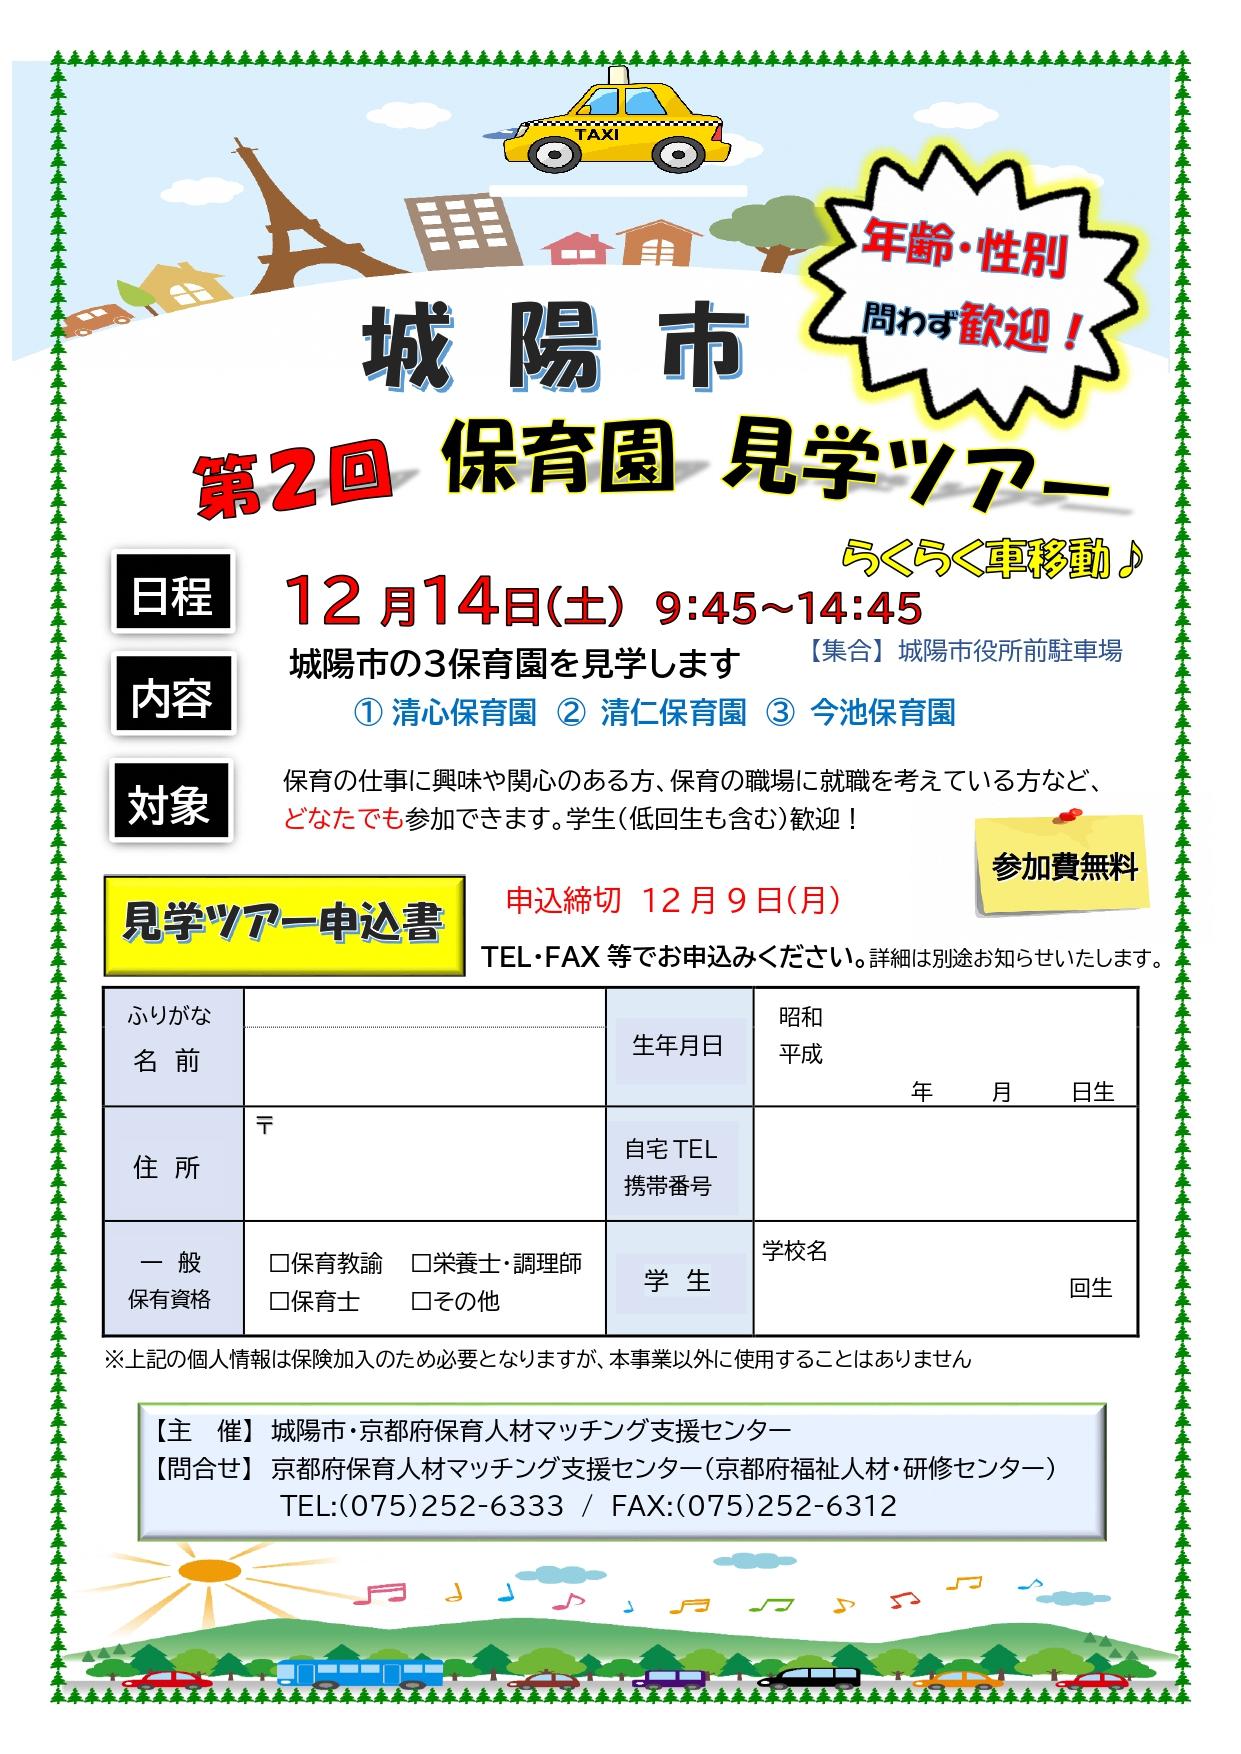 【12月14日開催】城陽市 第2回 保育園・認定こども園見学ツアー